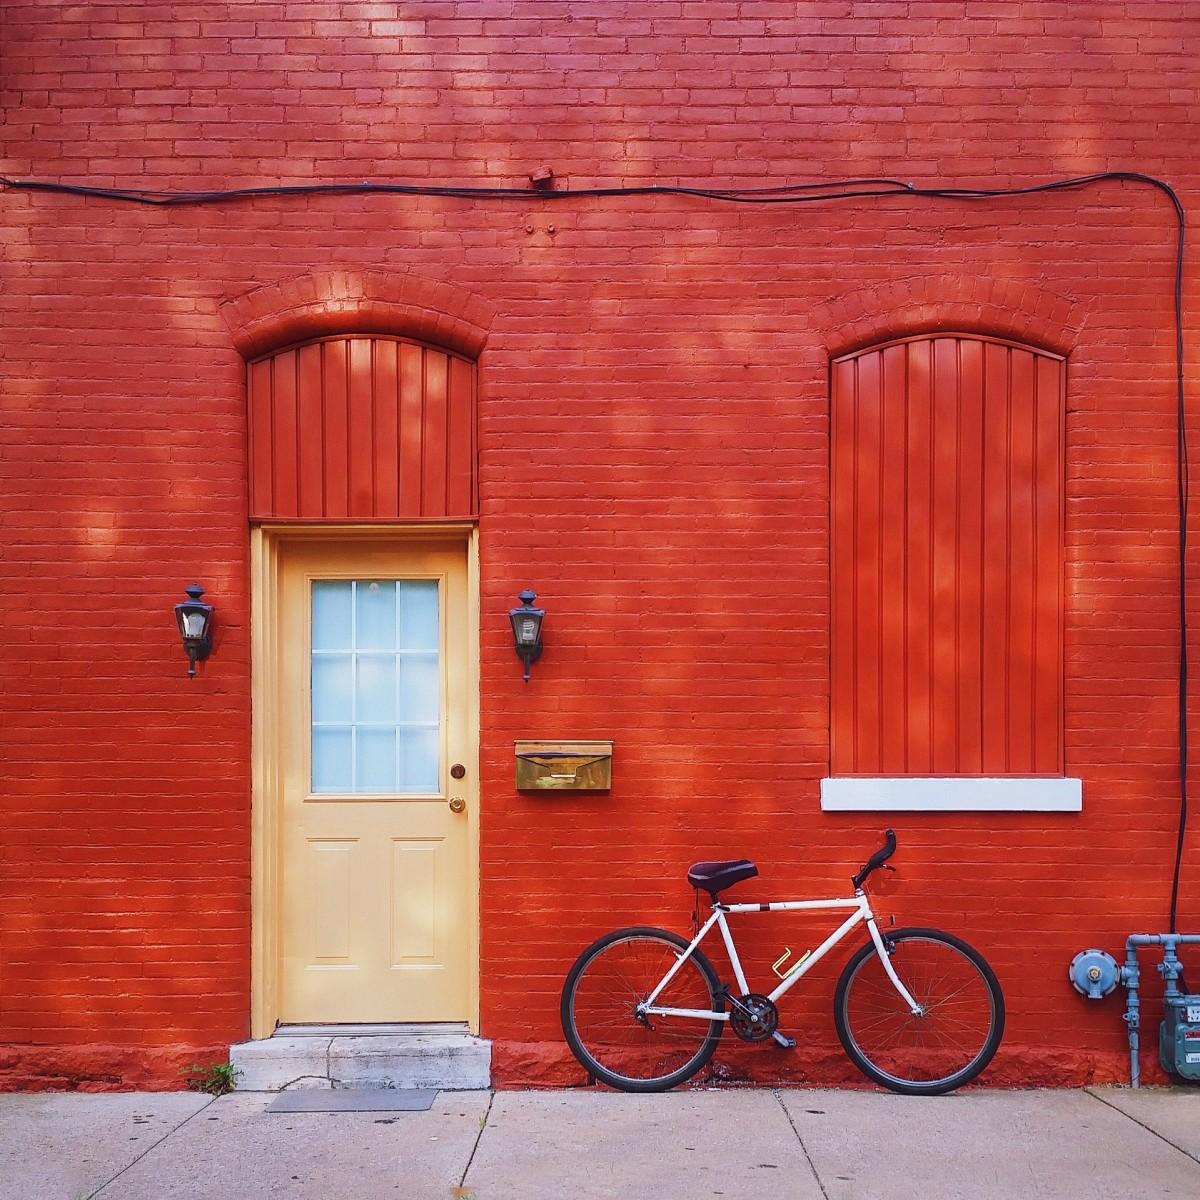 Images gratuites bois maison v lo mur rouge couleur - Mur brique rouge interieur ...